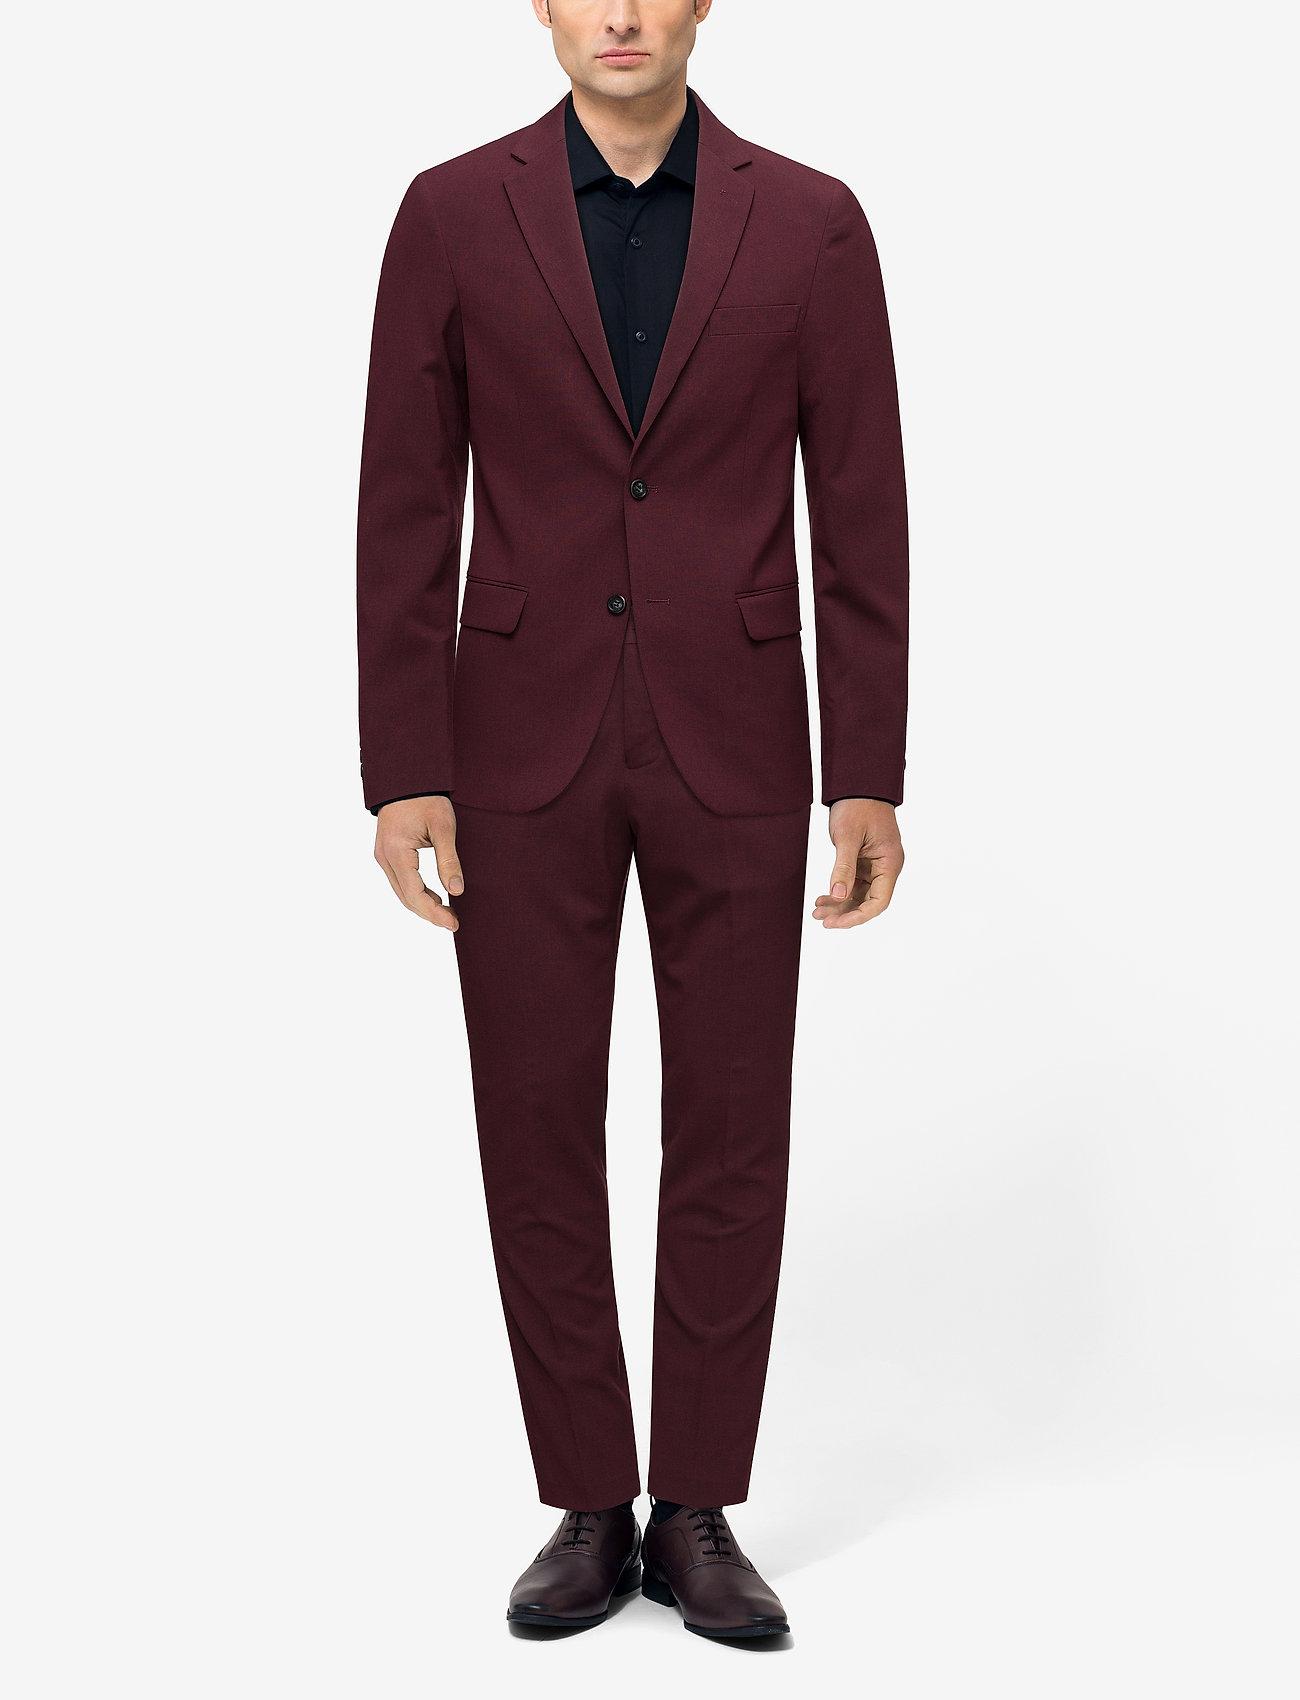 Lindbergh Plain mens suit - BORDEAUX MEL